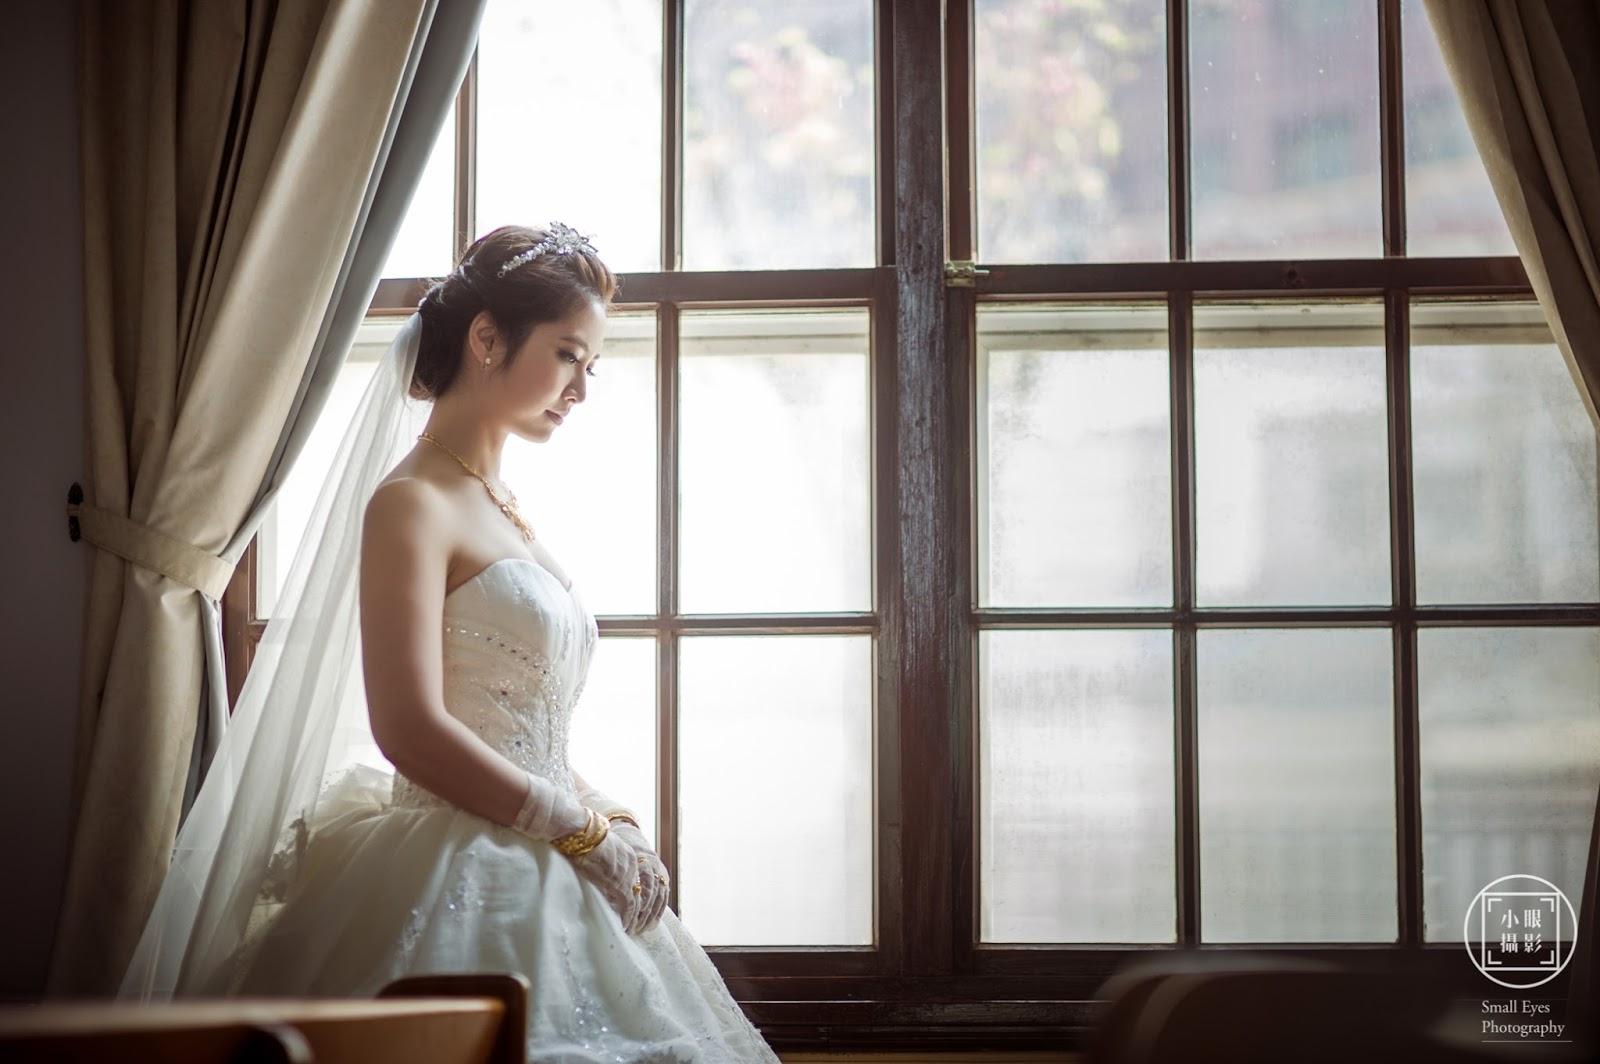 婚攝,小眼攝影,婚禮紀實,婚禮紀錄,婚紗,寫真,新竹北大侵信會教堂